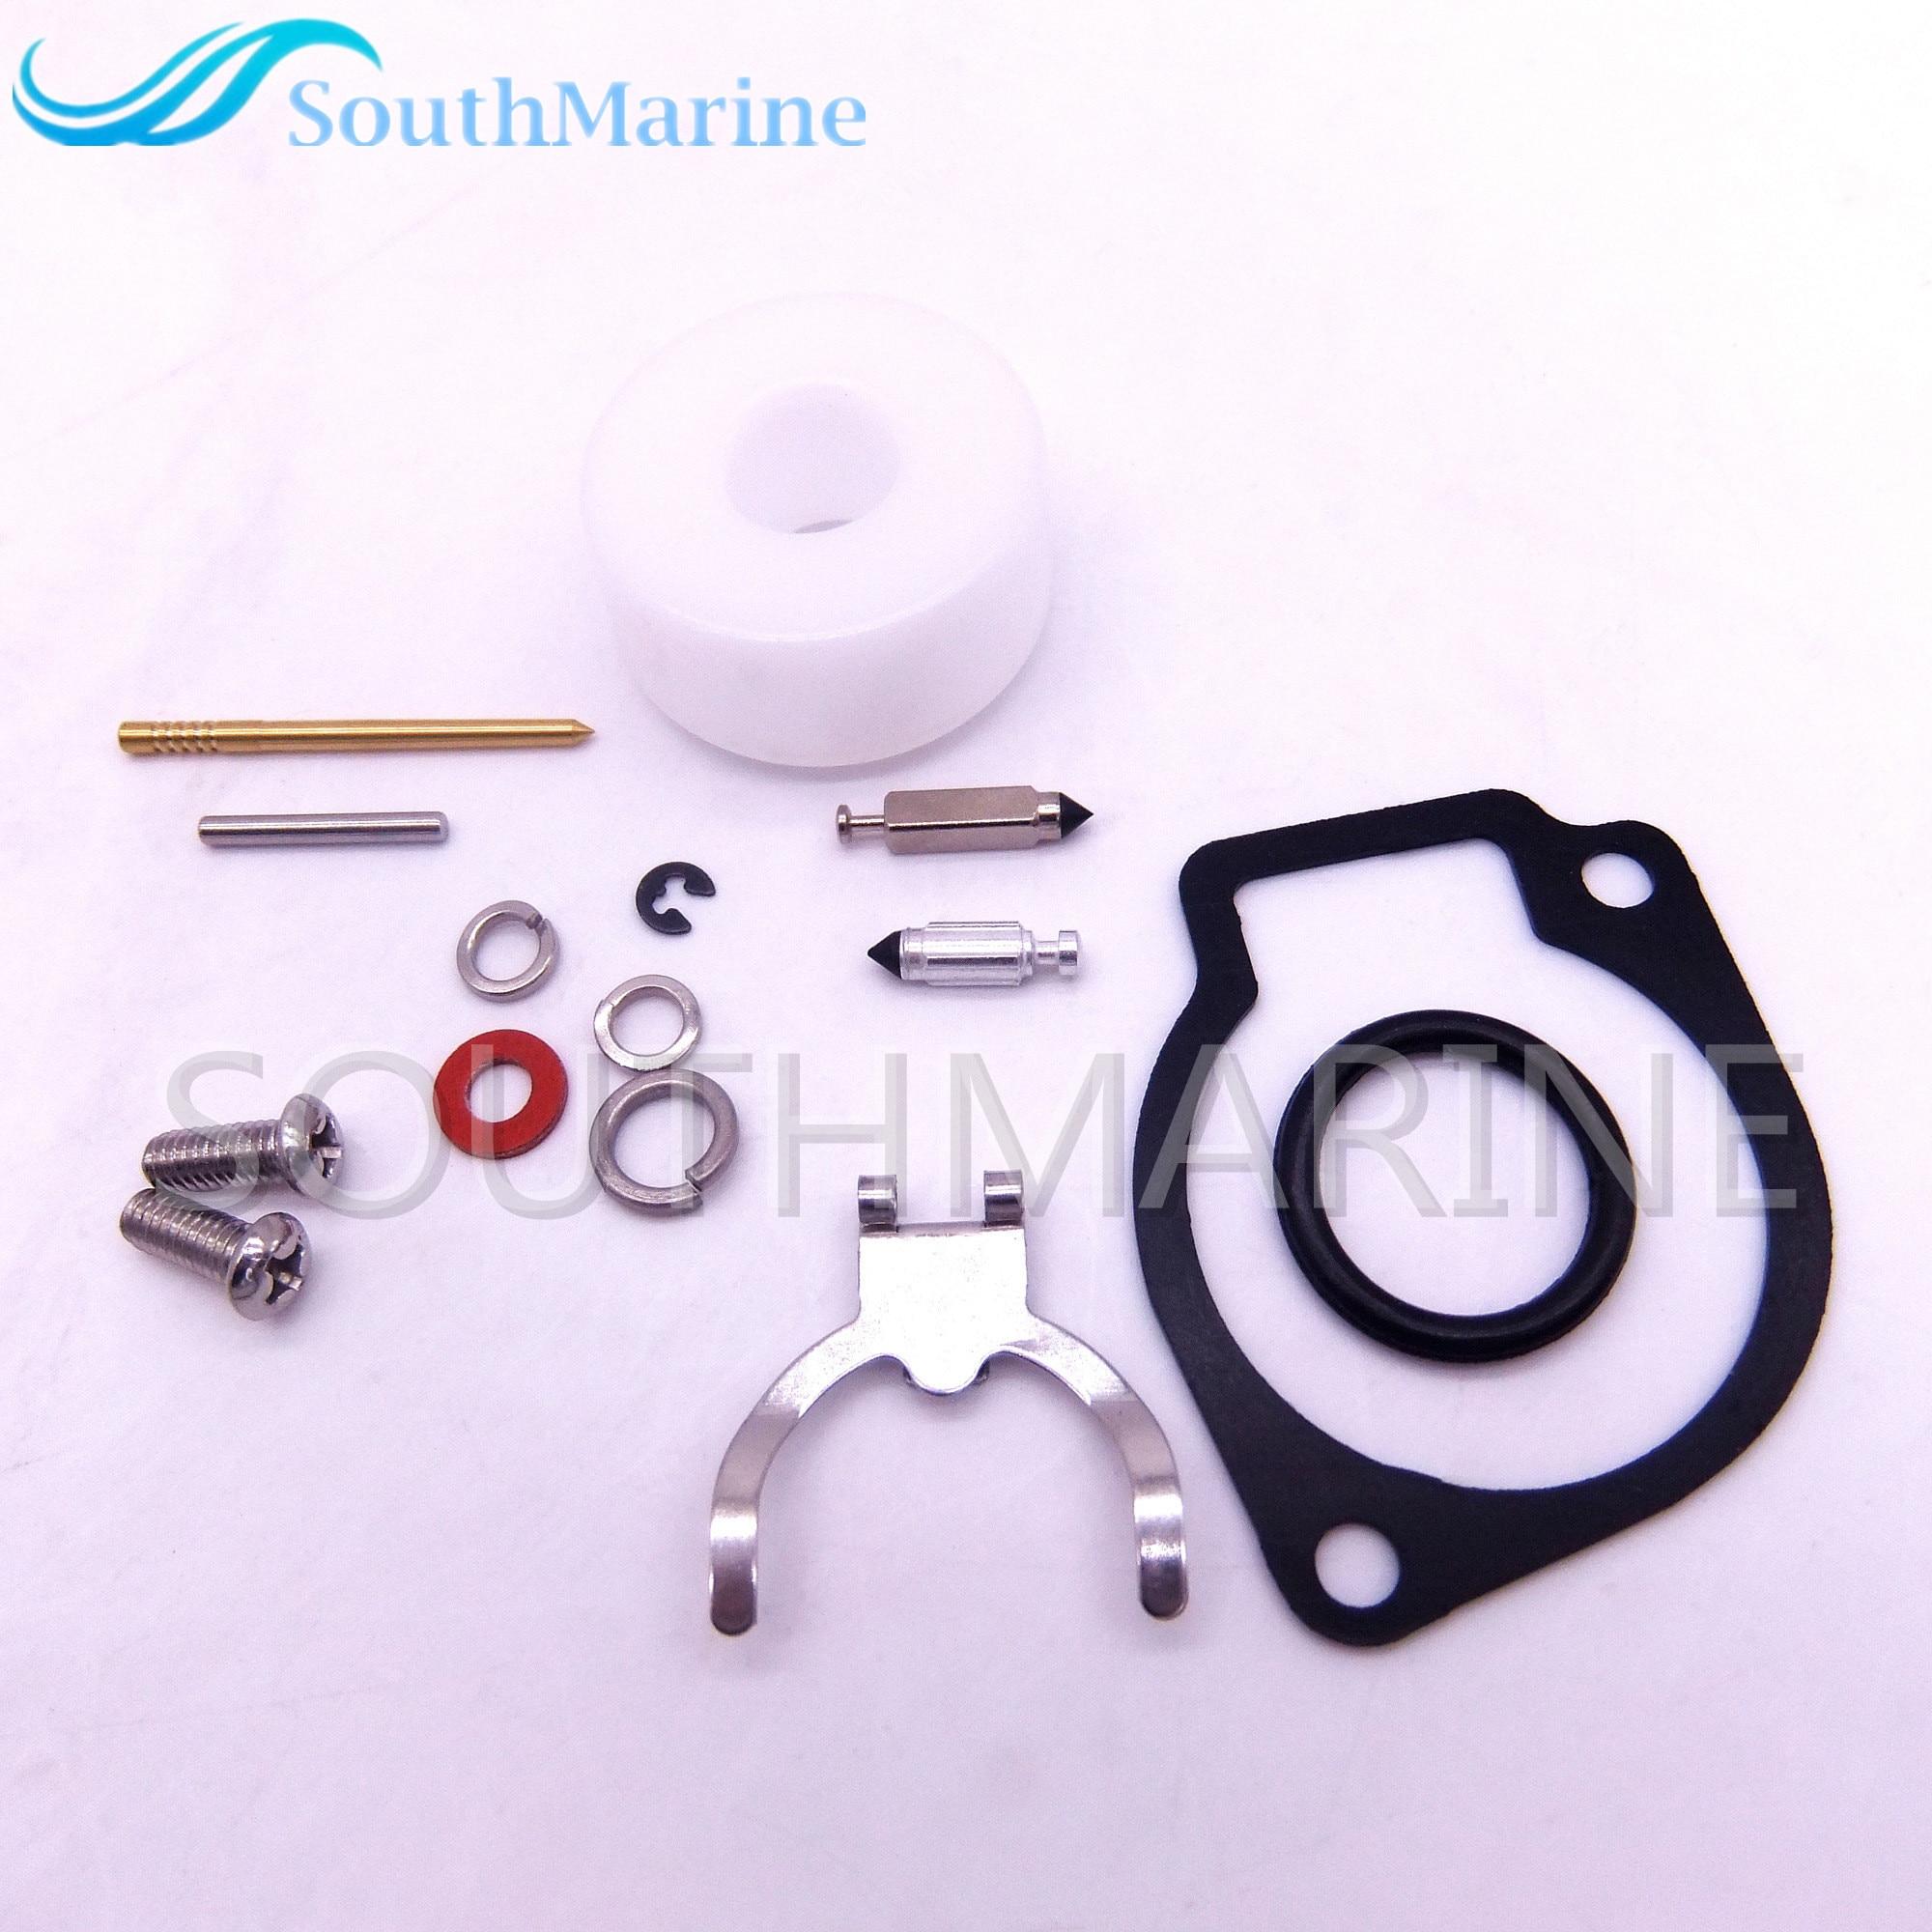 855546A4 Kit de reparación de carburador para Mercury Mercruiser Quicksilver motor 2HP 2.5HP 3.3HP